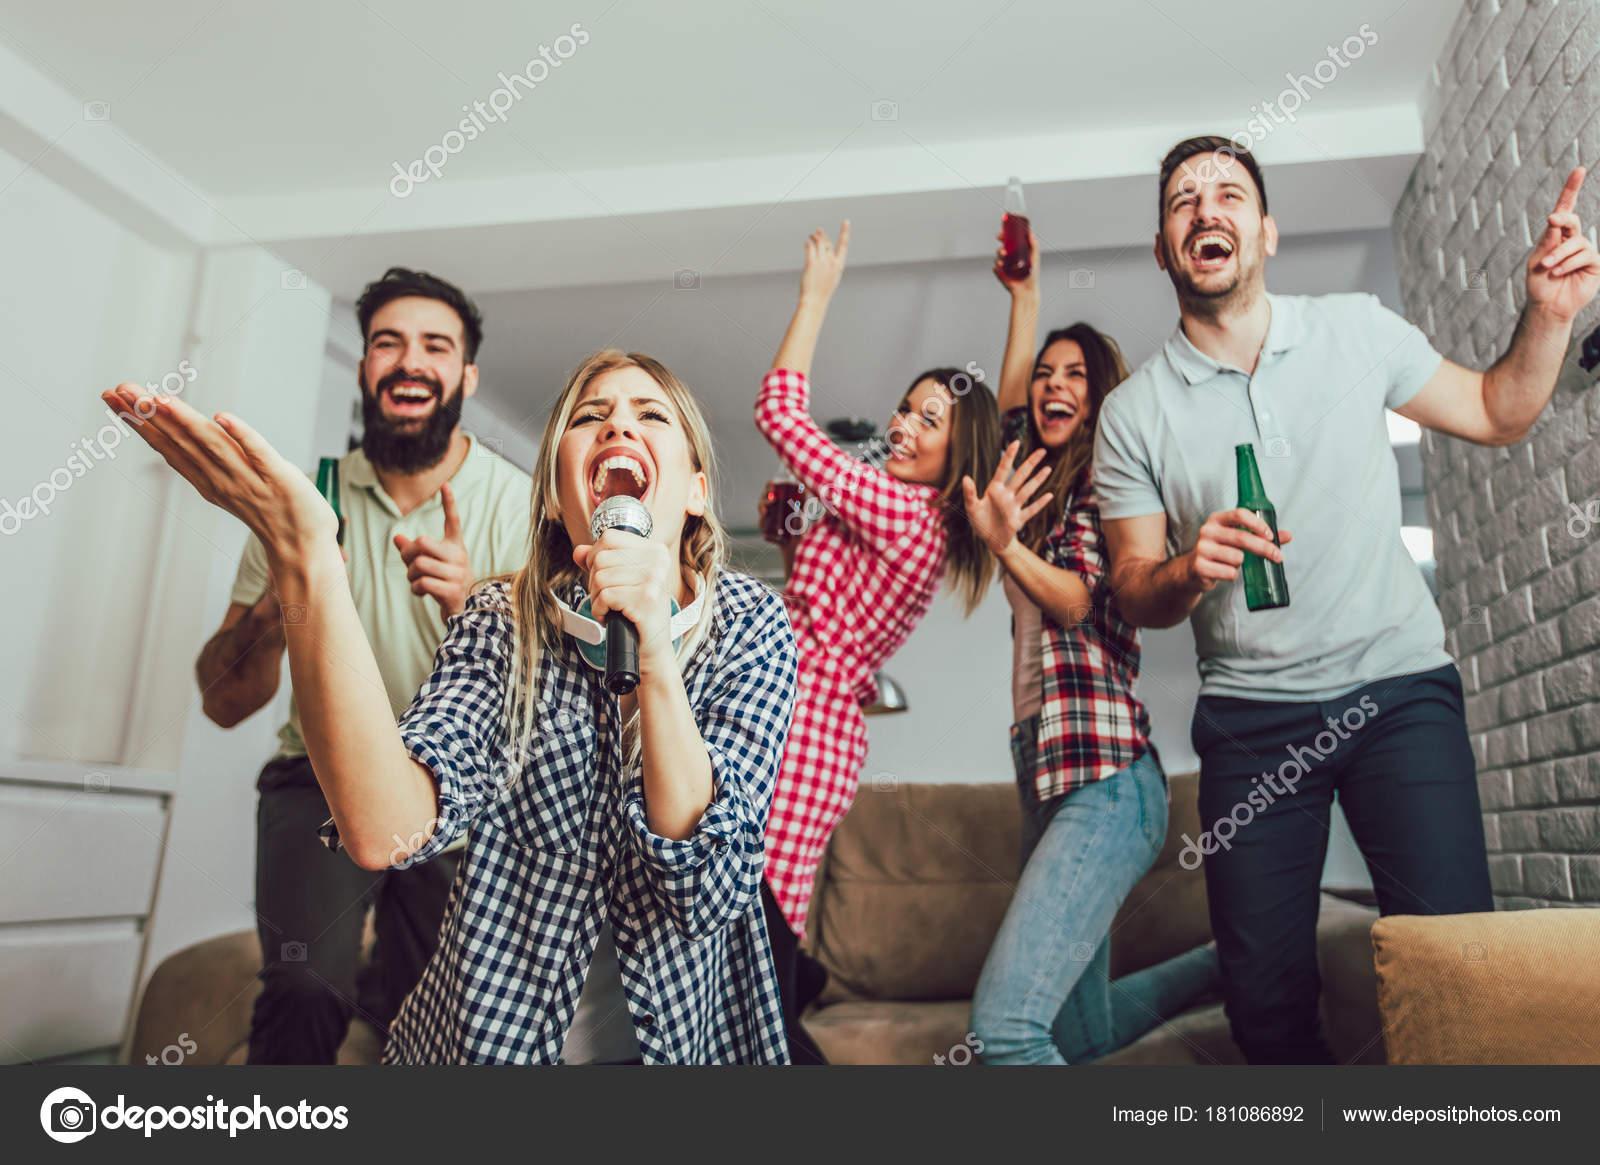 Grupo amigos jogar karaoke casa conceito sobre amizade entretenimento casa fotografias de - Karaoke en casa ...